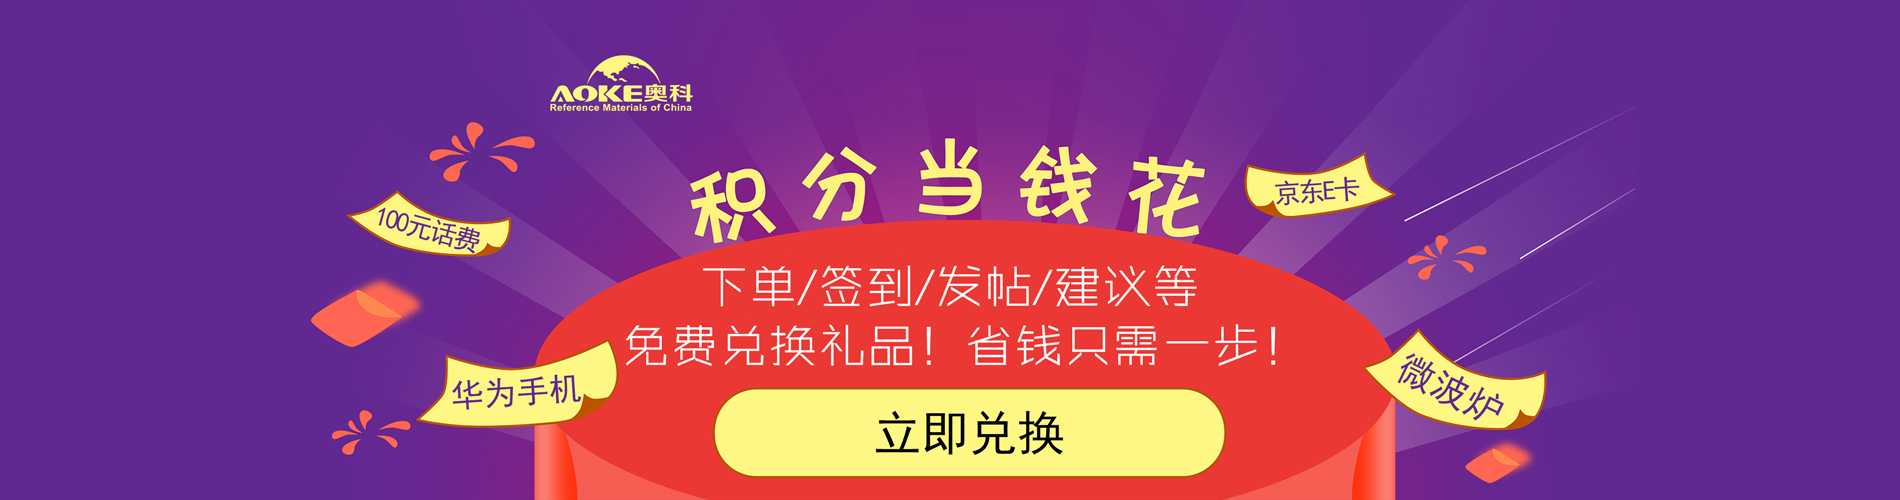 交流区-www.hongyun360.net博彩在线评级网